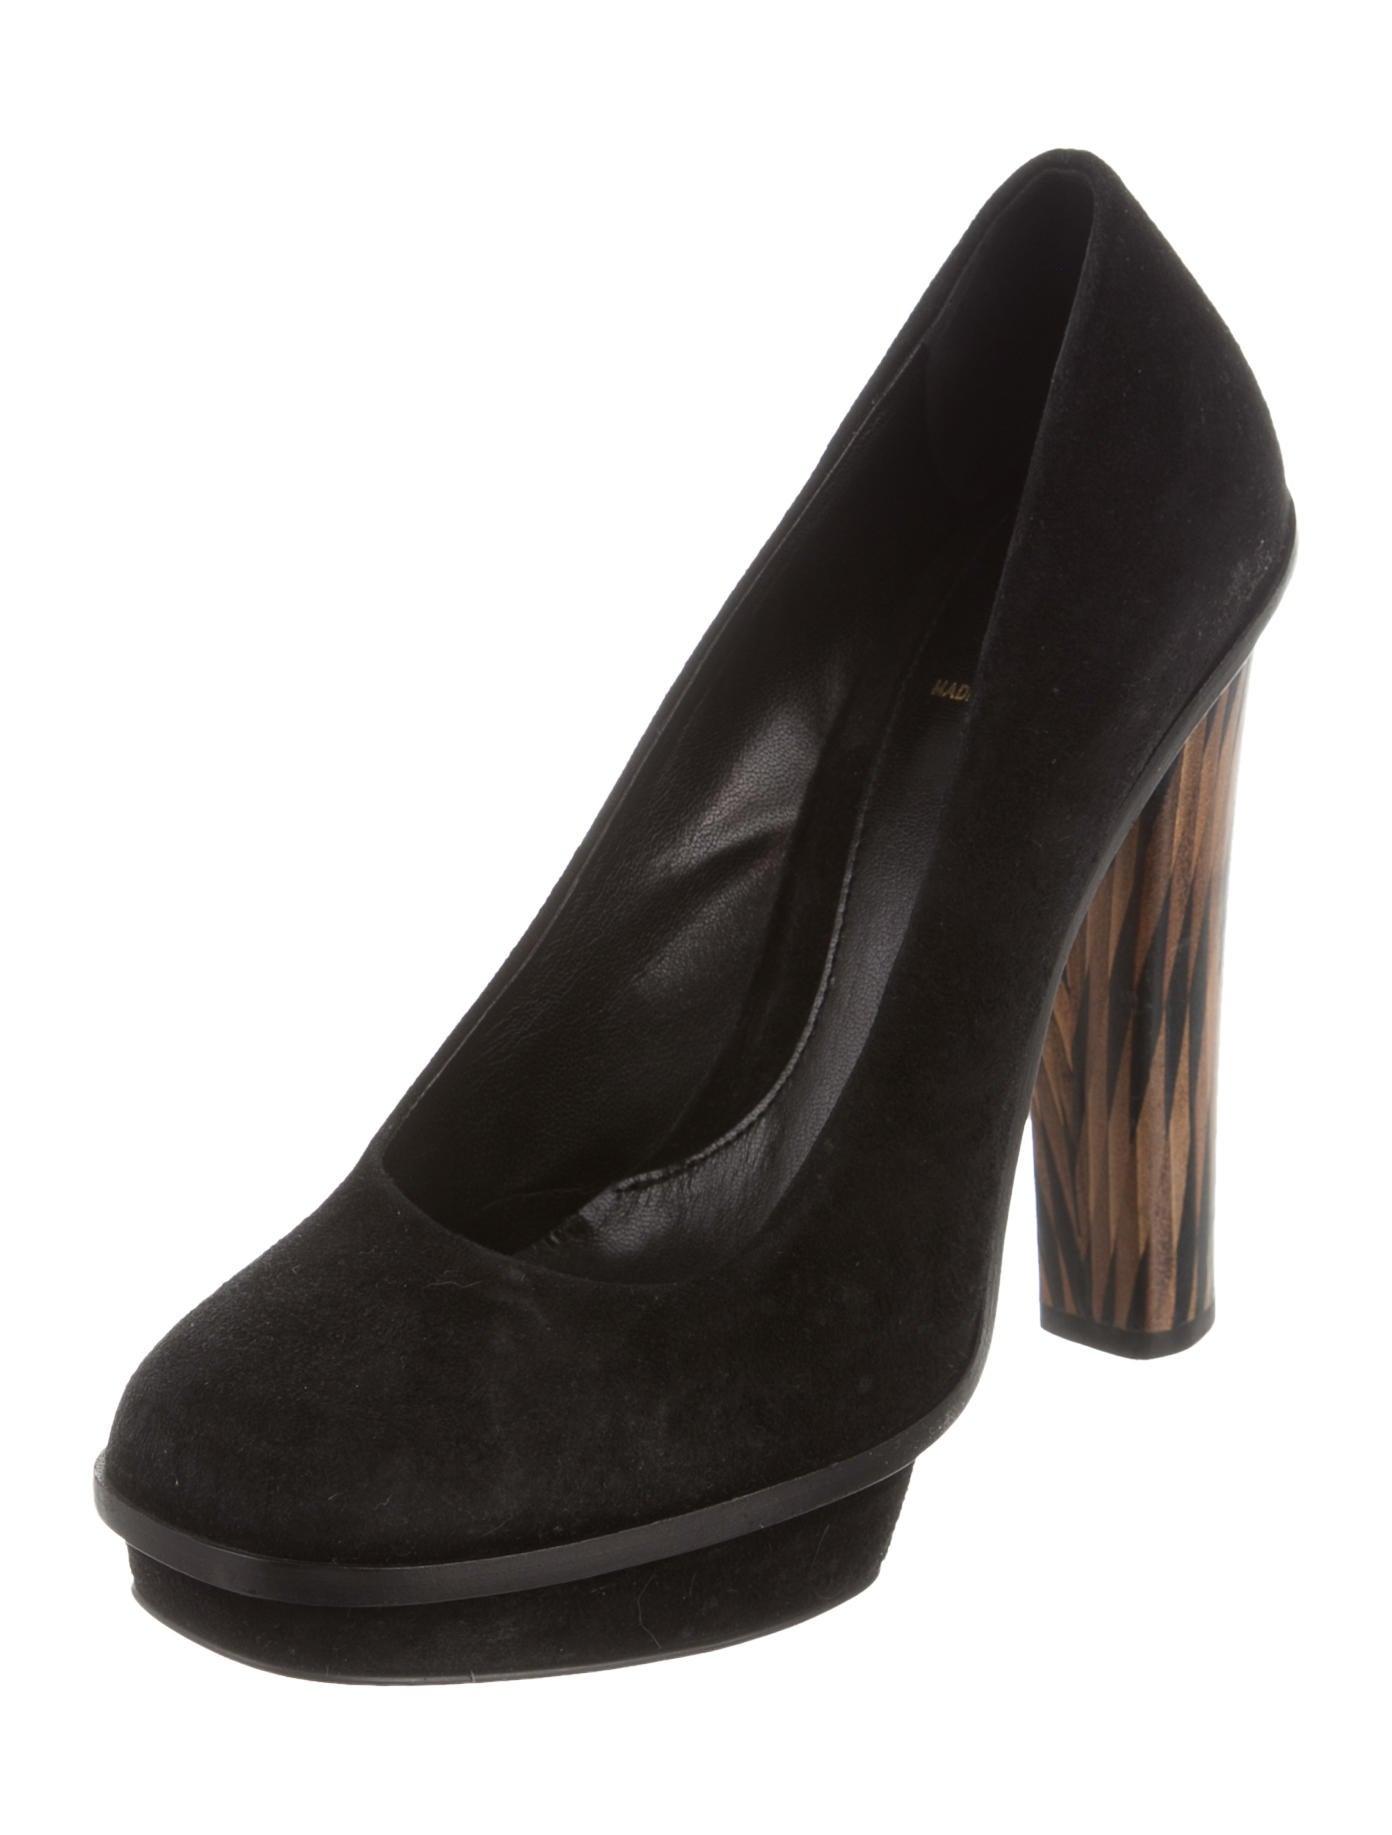 fendi suede platform pumps shoes fen52792 the realreal